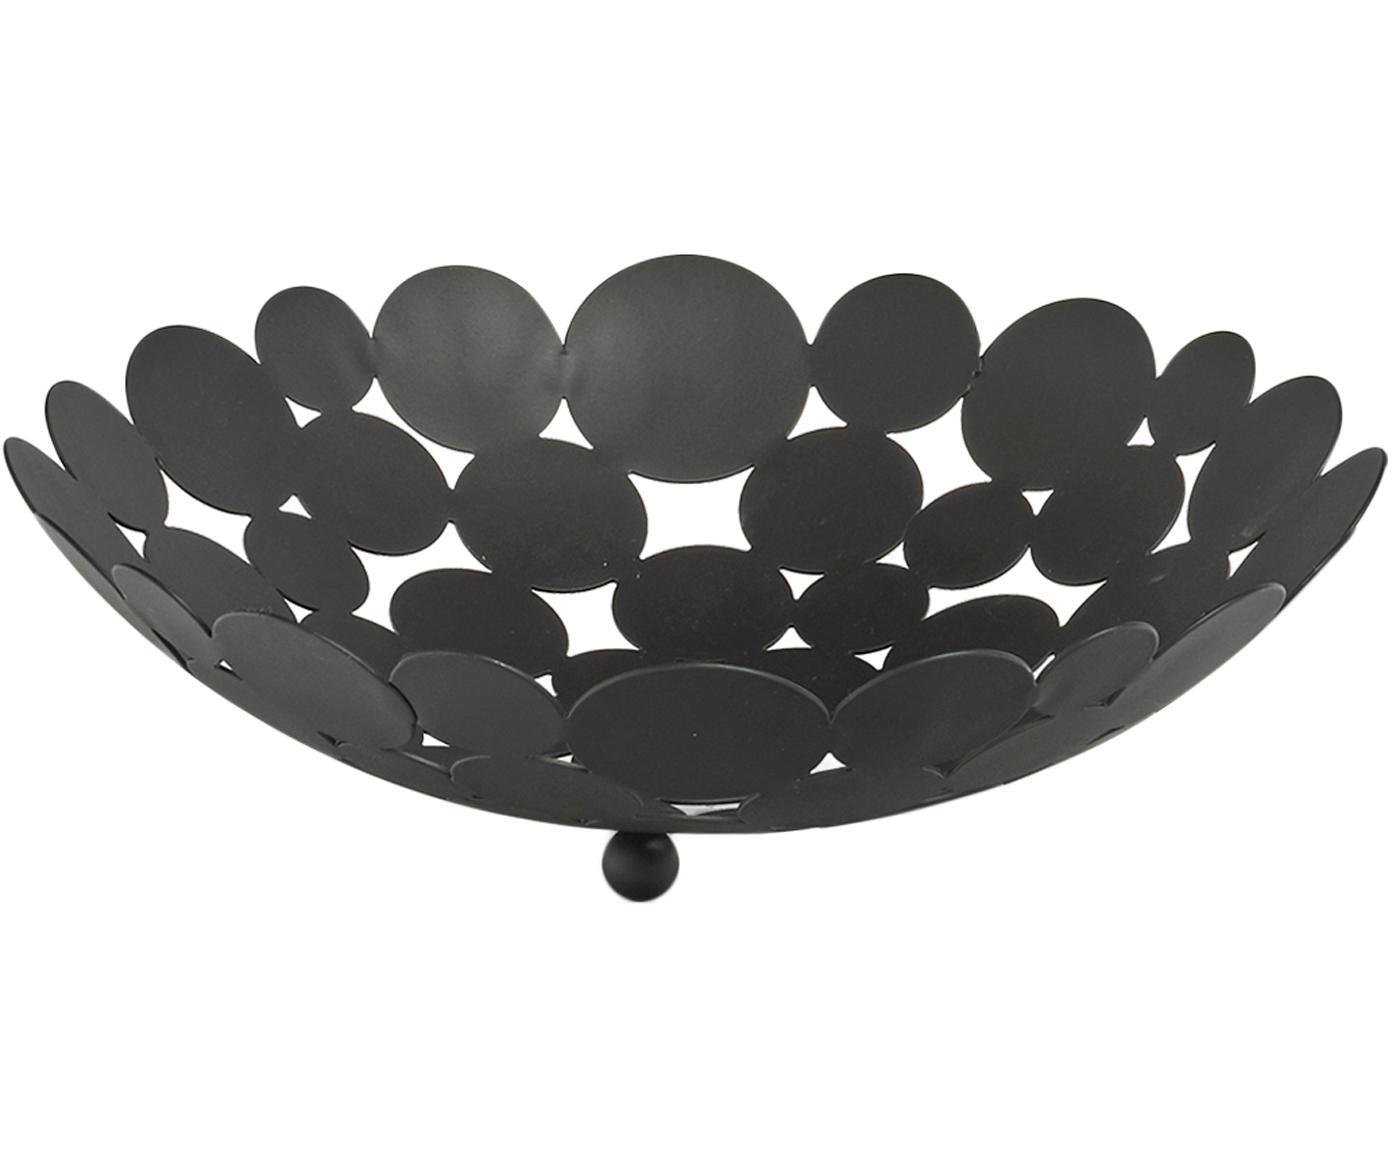 Cesta per frutta Drops, Metallo, Nero, Ø 29 x Alt. 9 cm